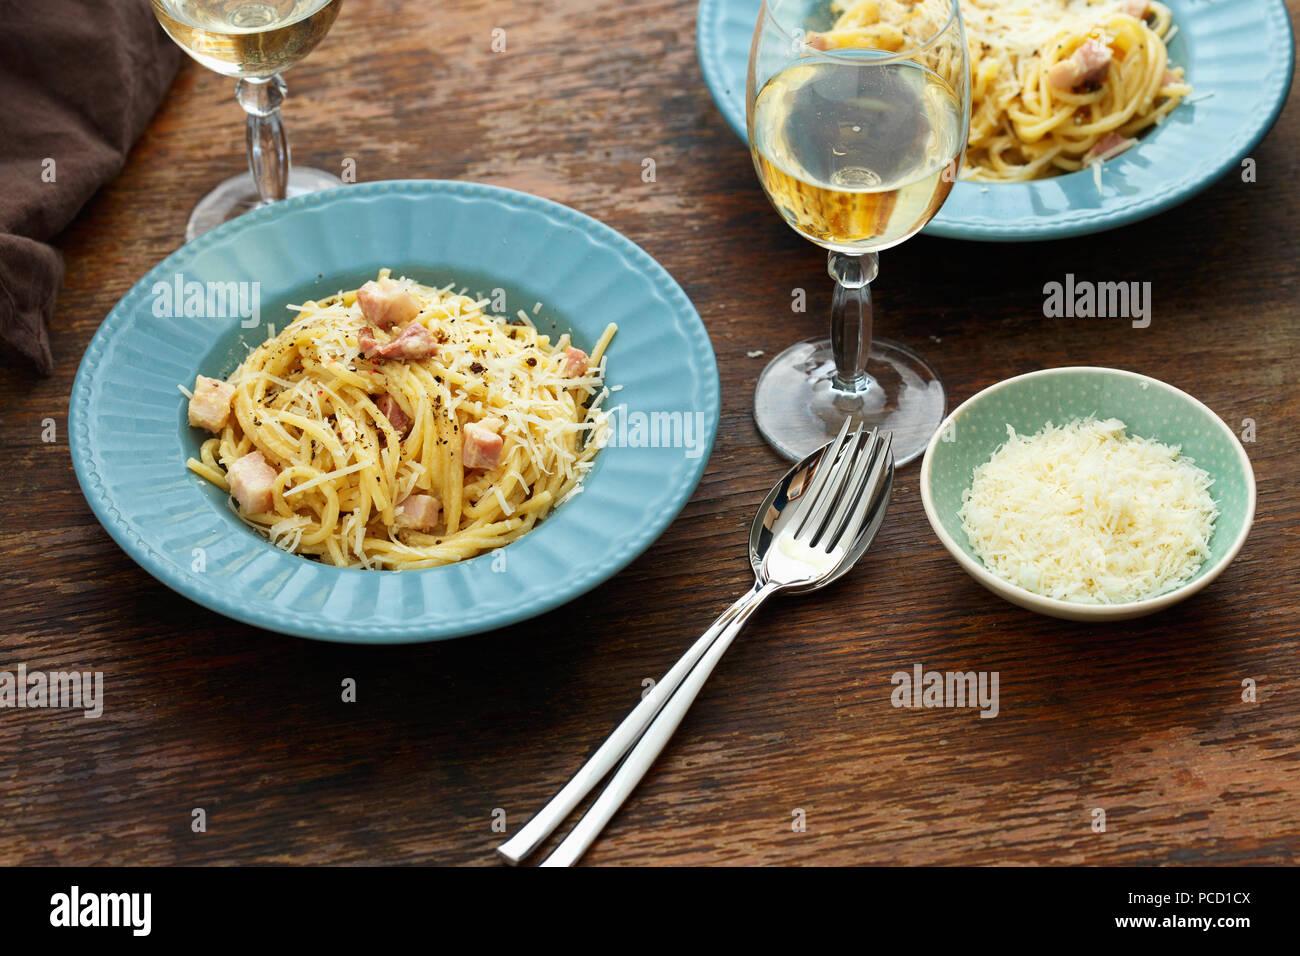 Pasta Fatta In Casa Carbonara Con Un Bicchiere Di Vino Bianco Scuro